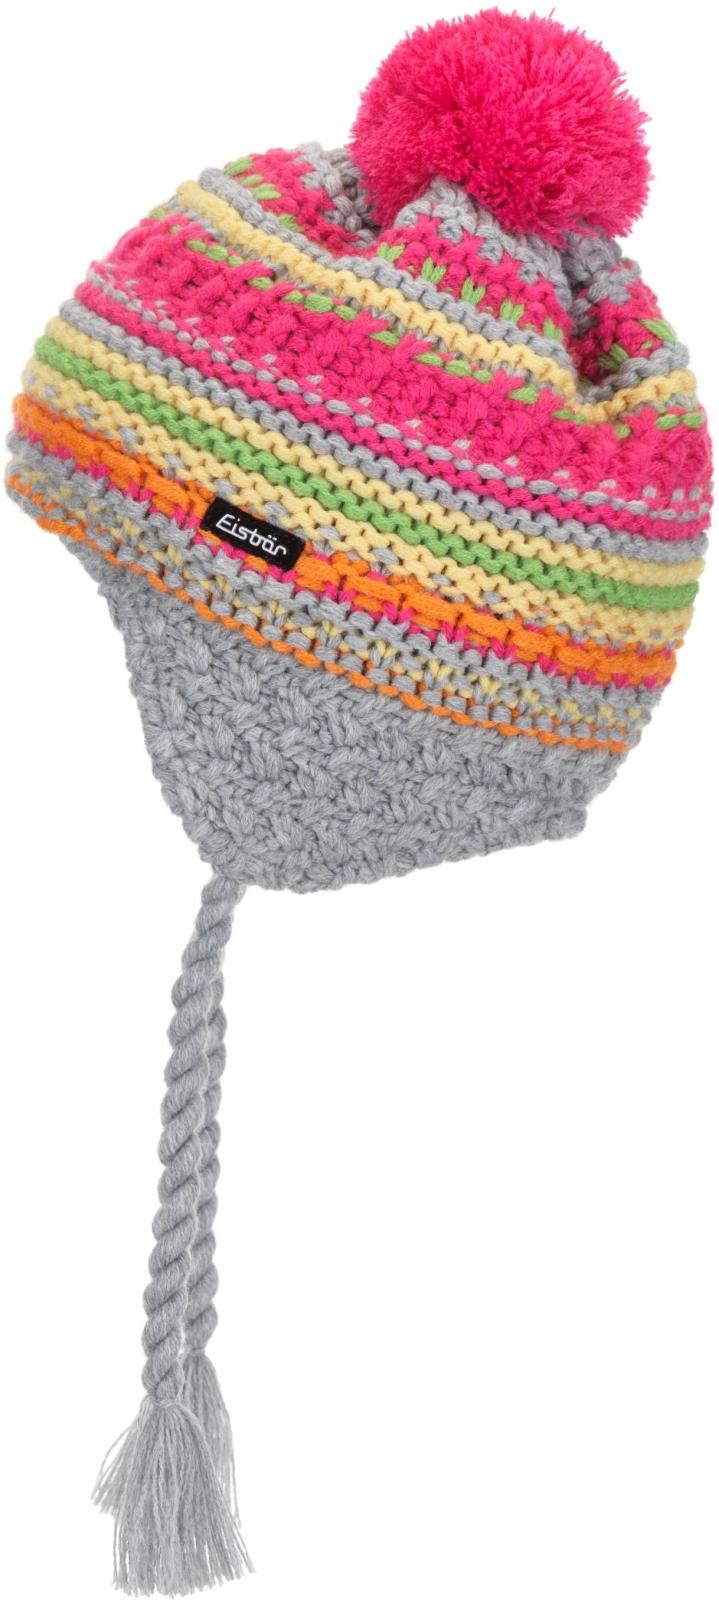 e4d519da0a4 Dětská zimní čepice Eisbär Flax Ear Pompon MÜ kids -  graumele orange gelb pink grün